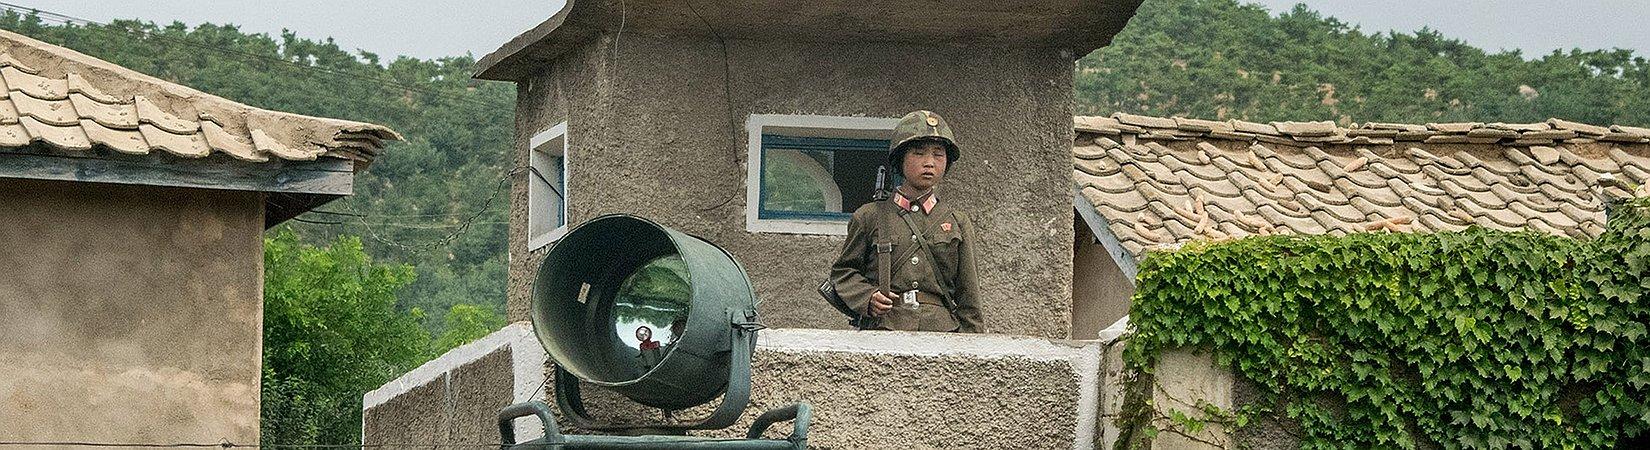 Come vive la gente in Corea del Nord